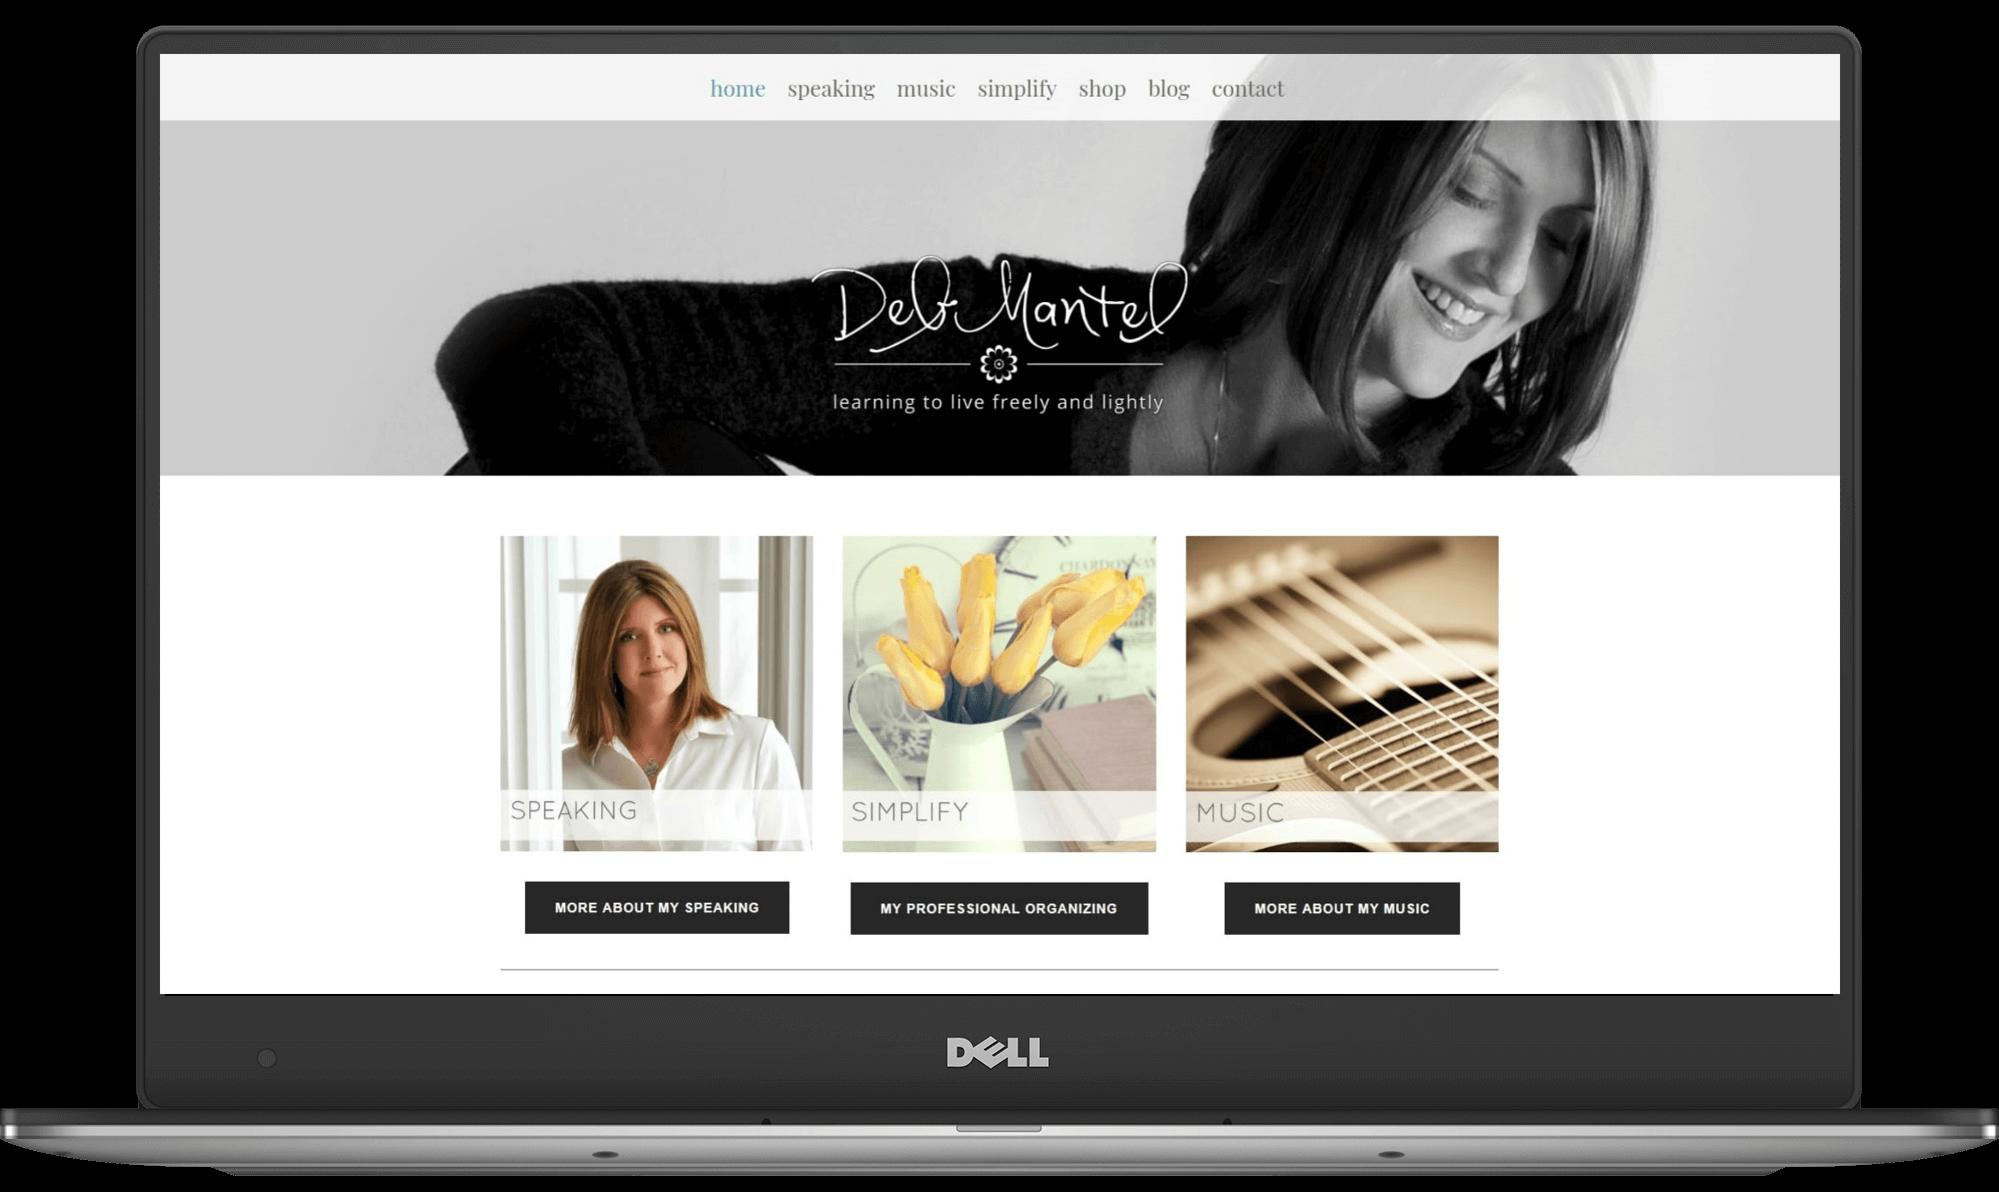 Deb Mantel website designed by Deb Mantel Design